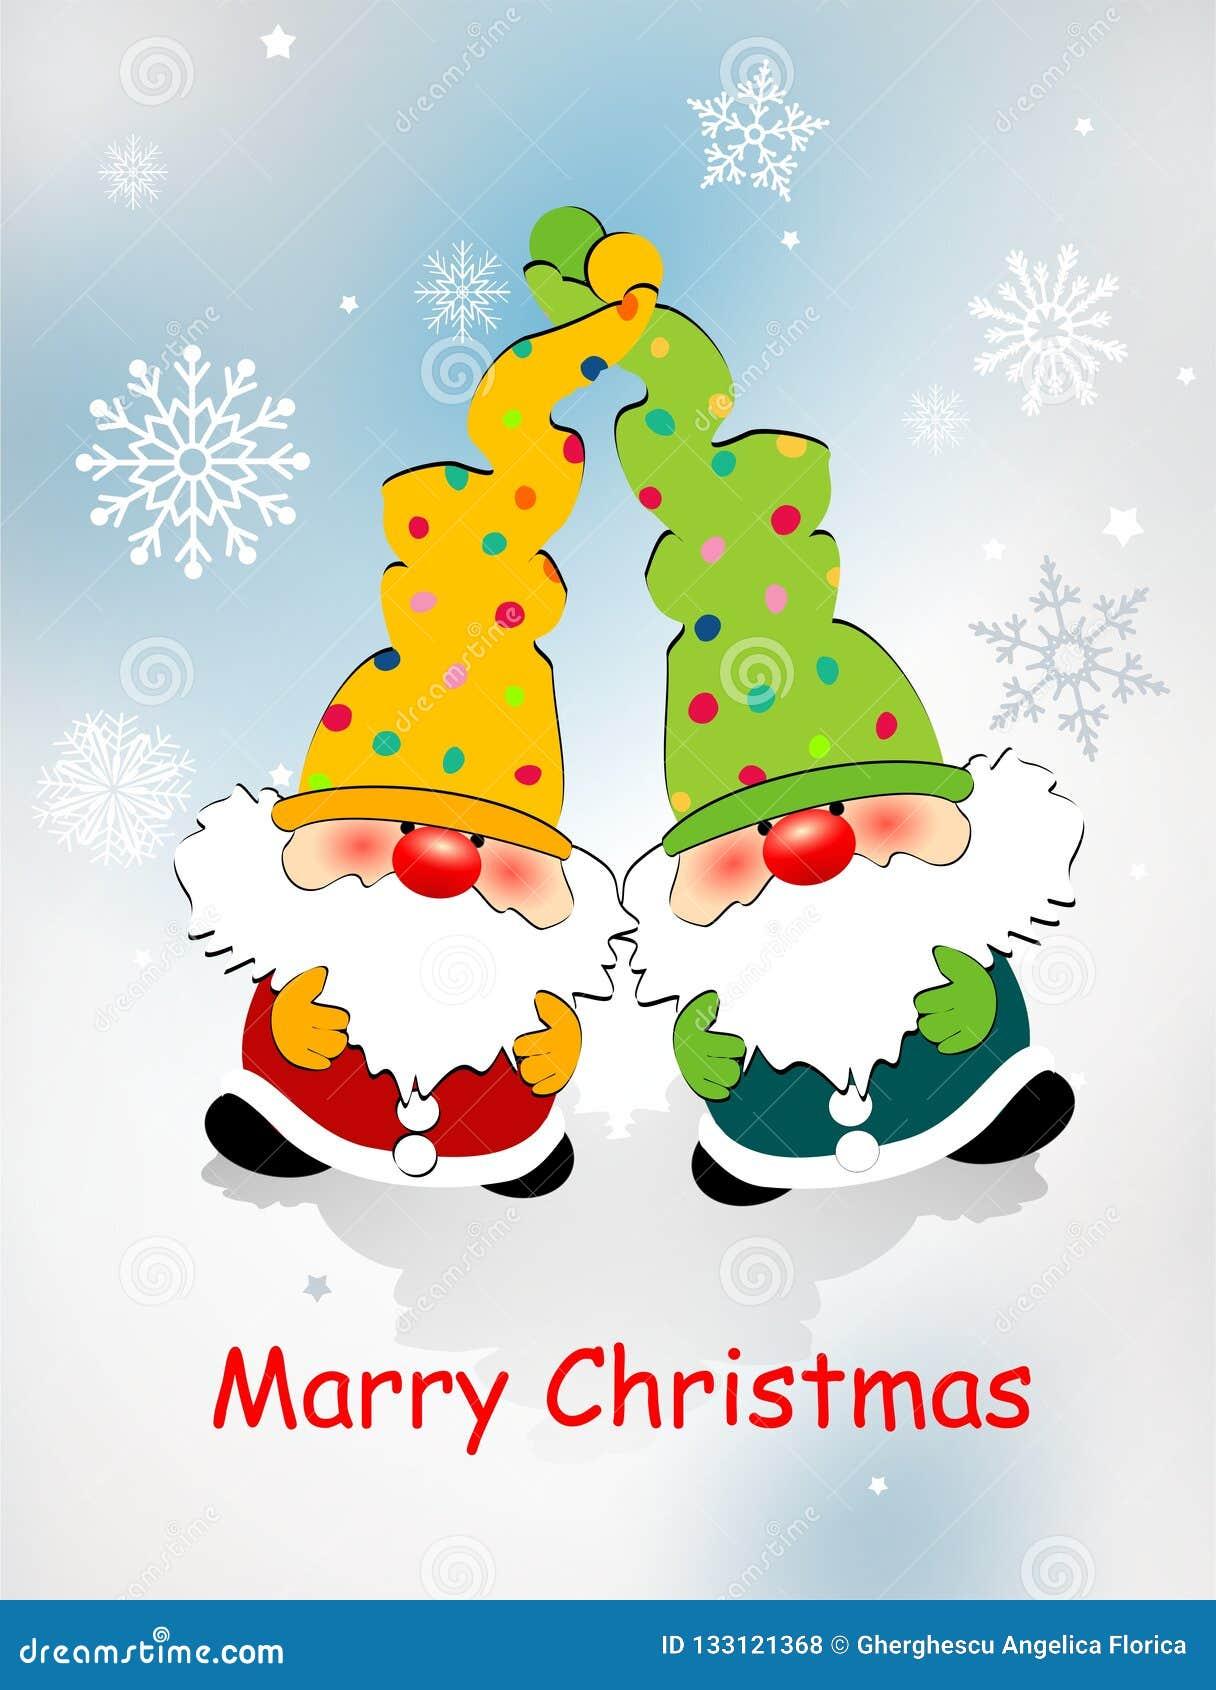 Cartão de Natal com anões do brinquedo, flocos de neve e o Natal de desejo de /Merry